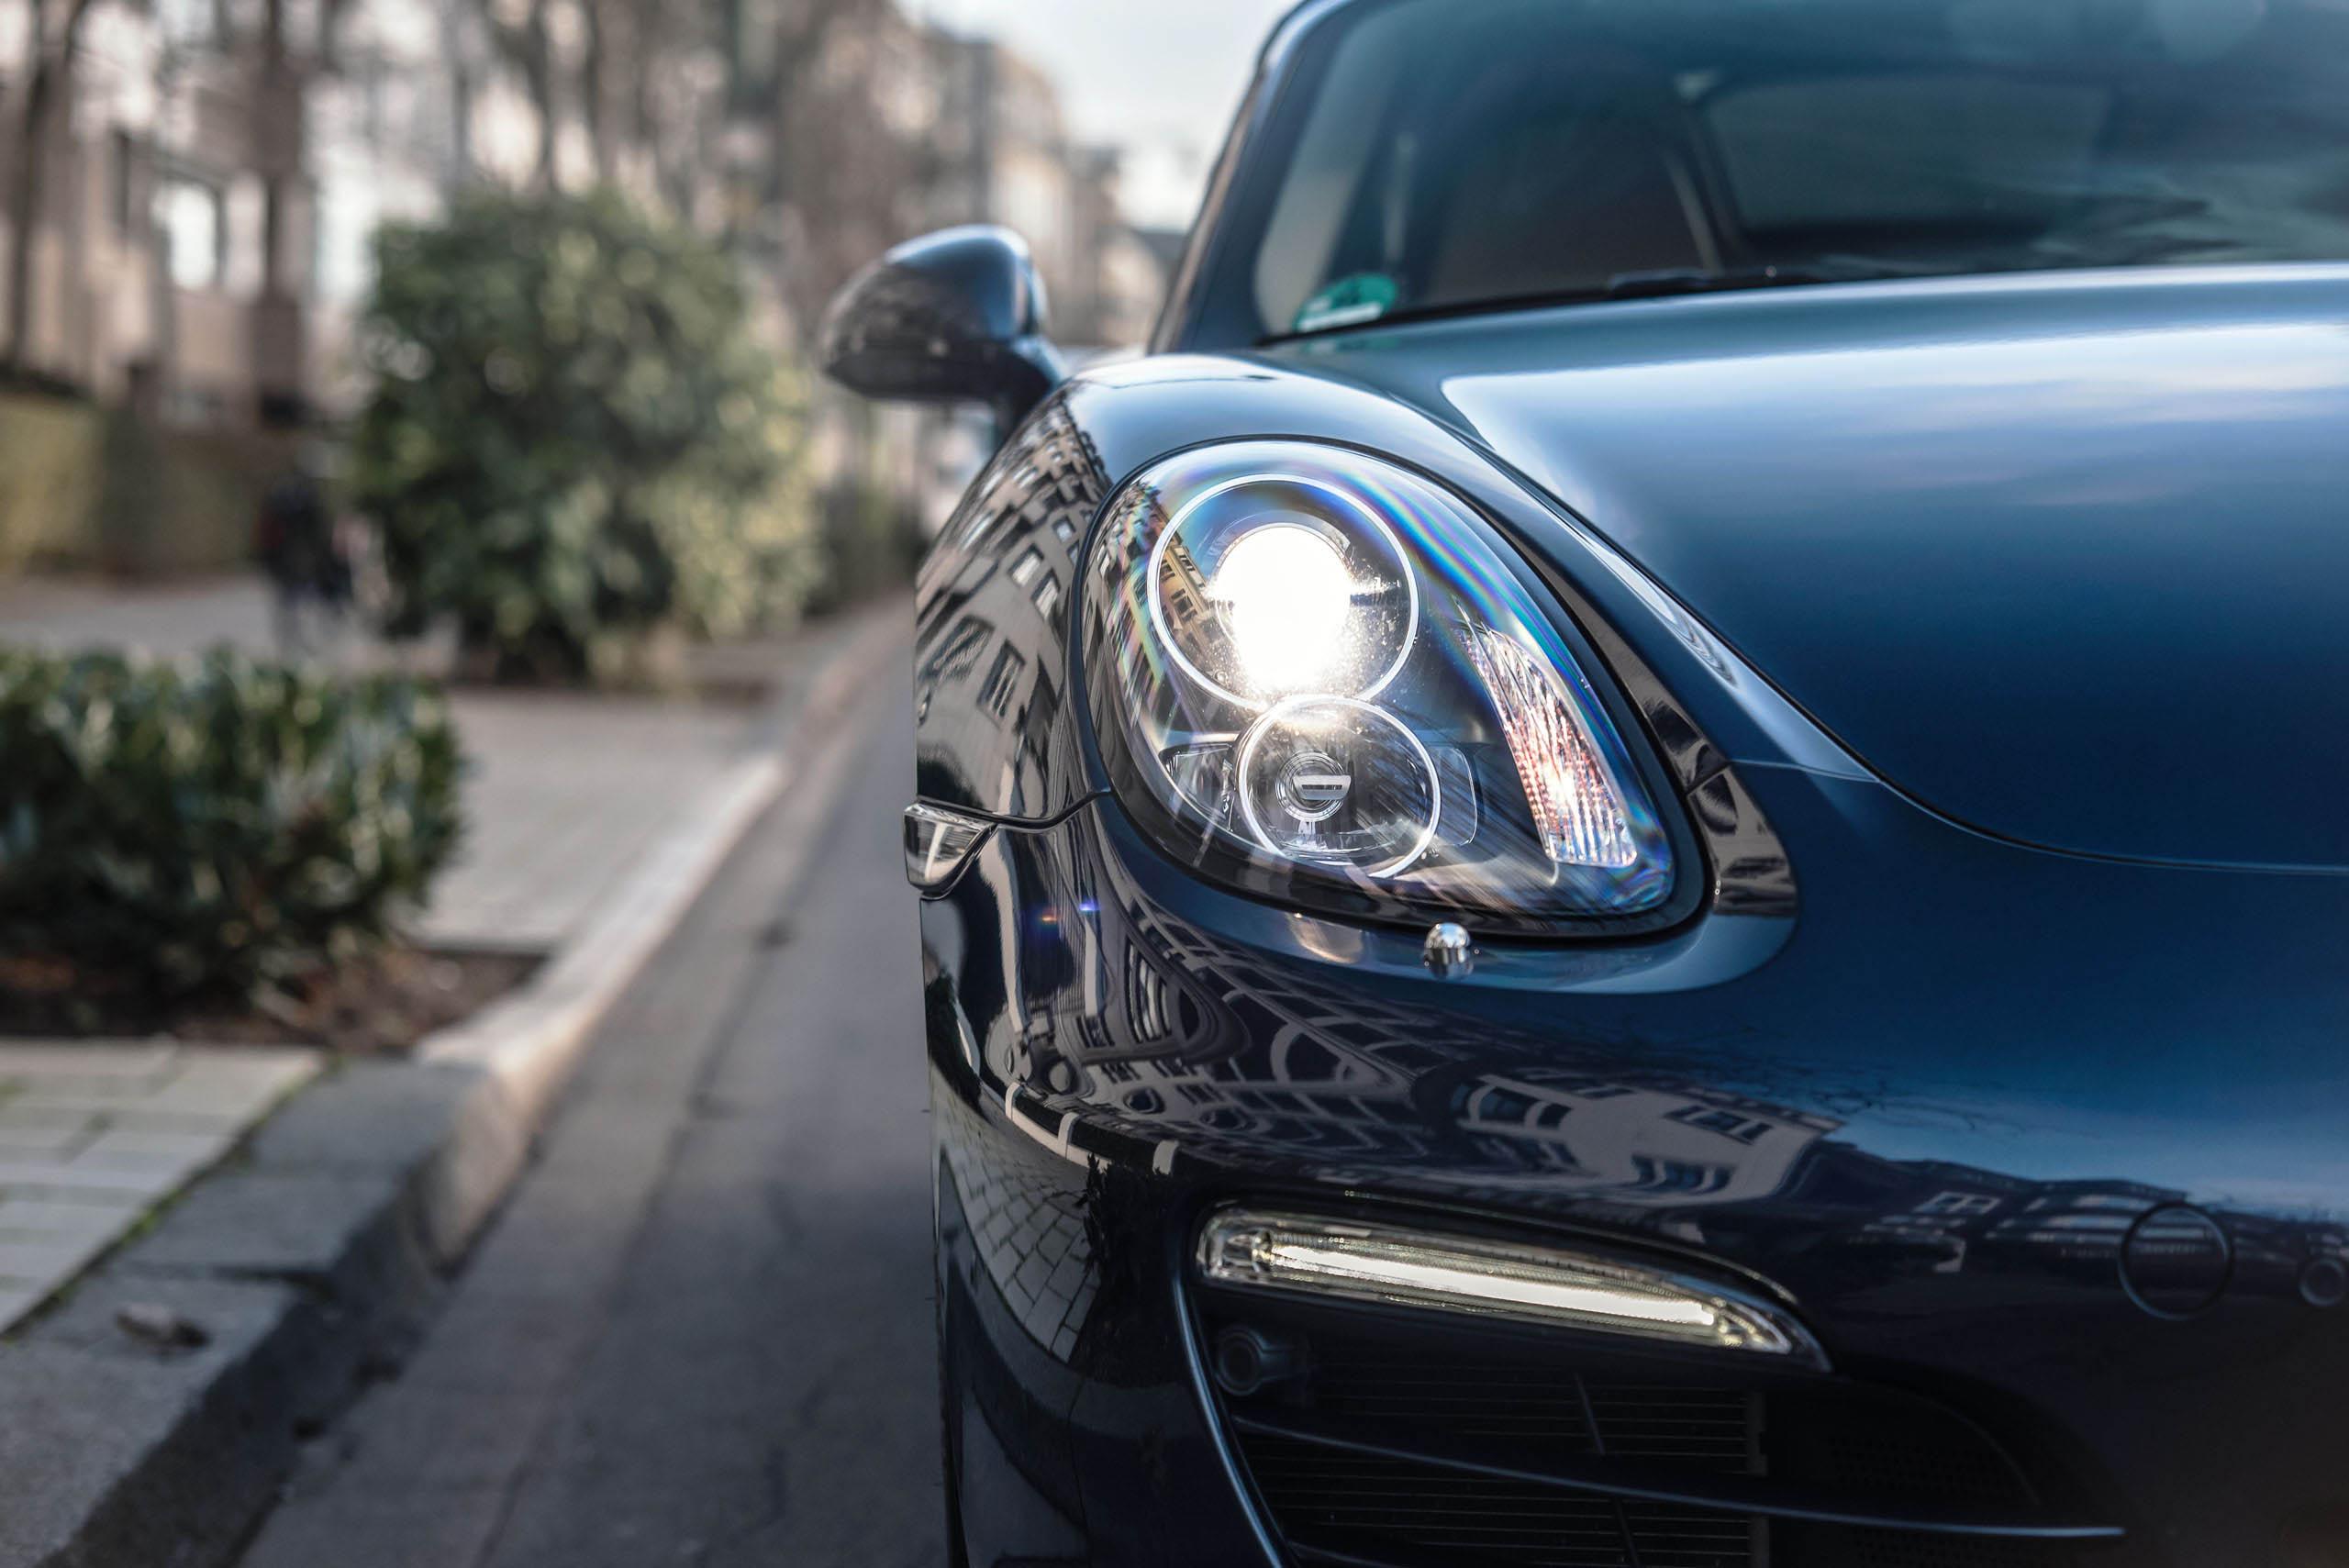 bk_sportwagen_rheinland_gmbh_Porsche_Boxster_blau_5